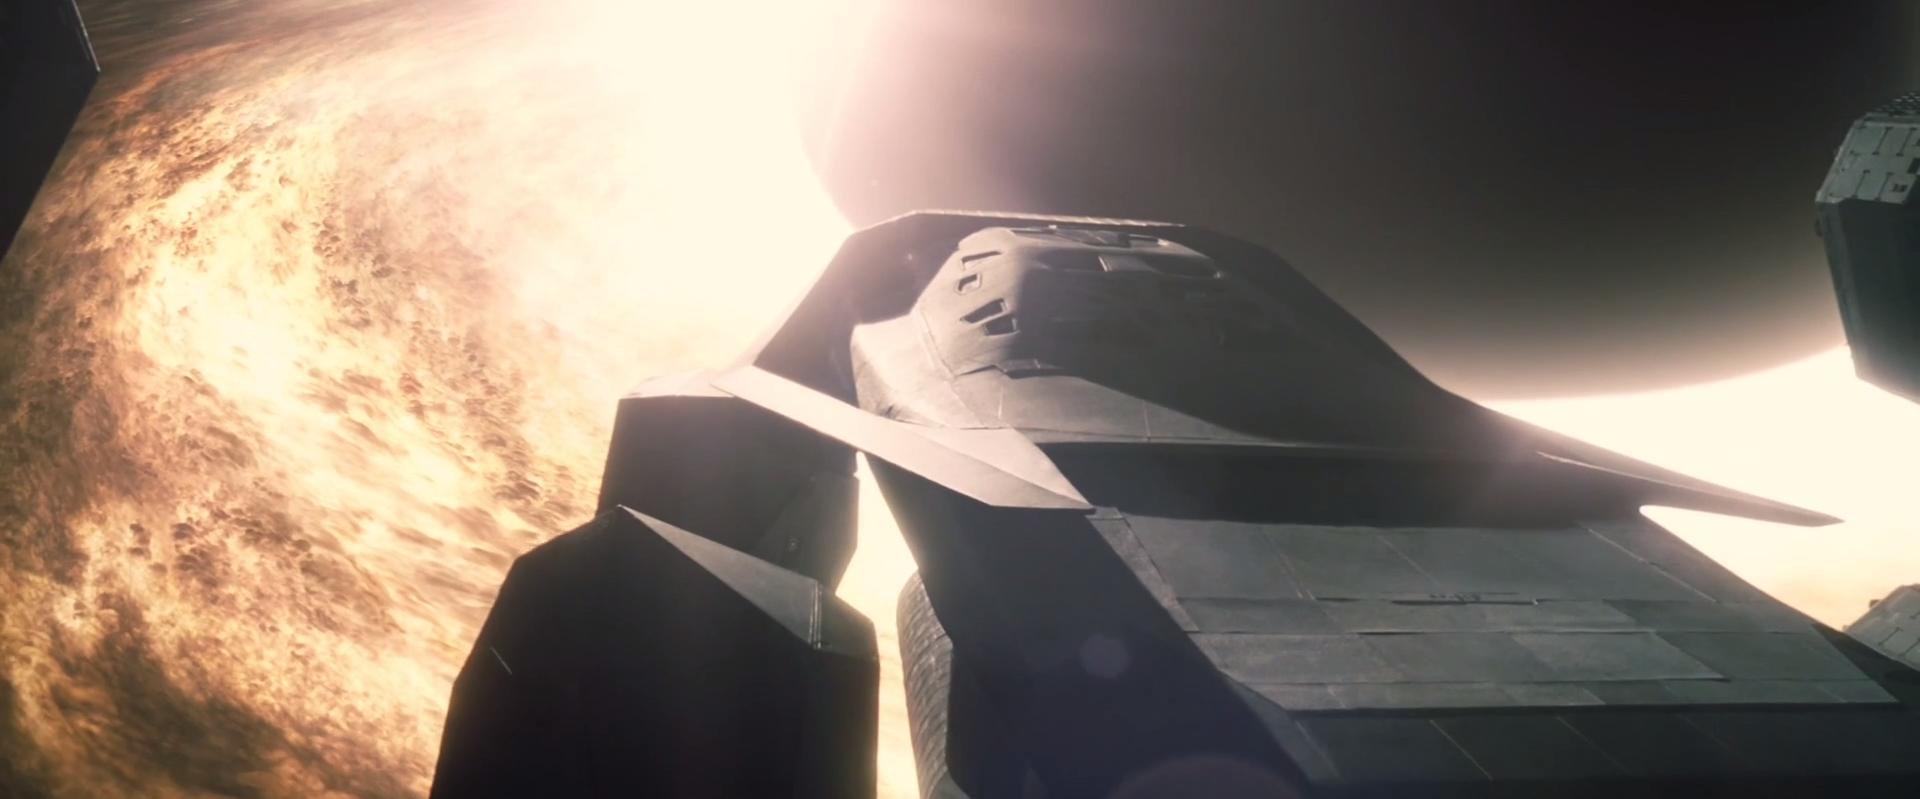 Ranger 2 | Interstellar Wiki | FANDOM powered by Wikia